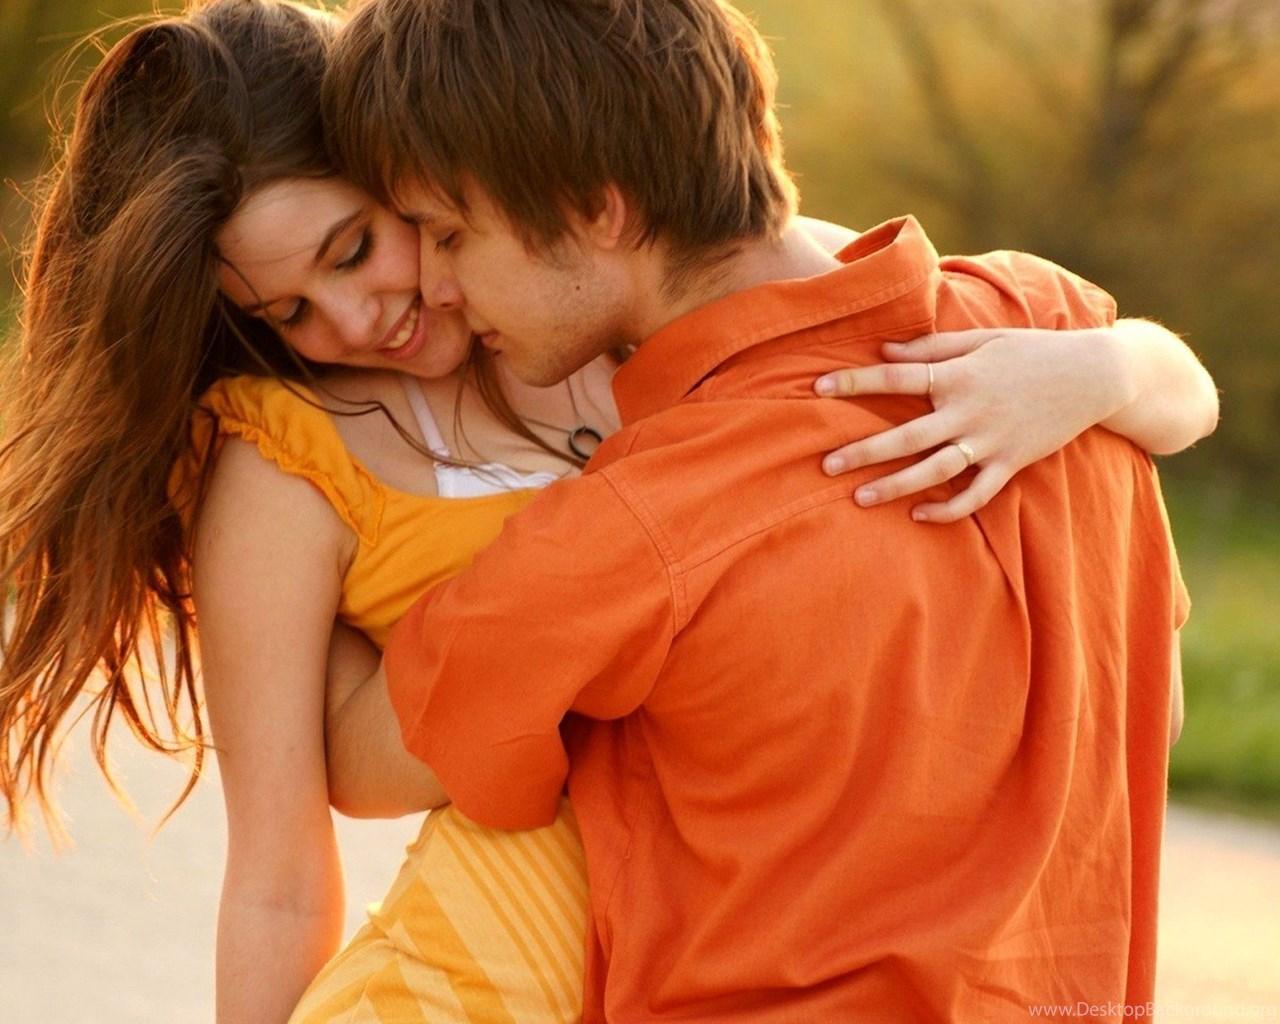 Как сделать приятное любимому парню, что нравиться мужчинам 3